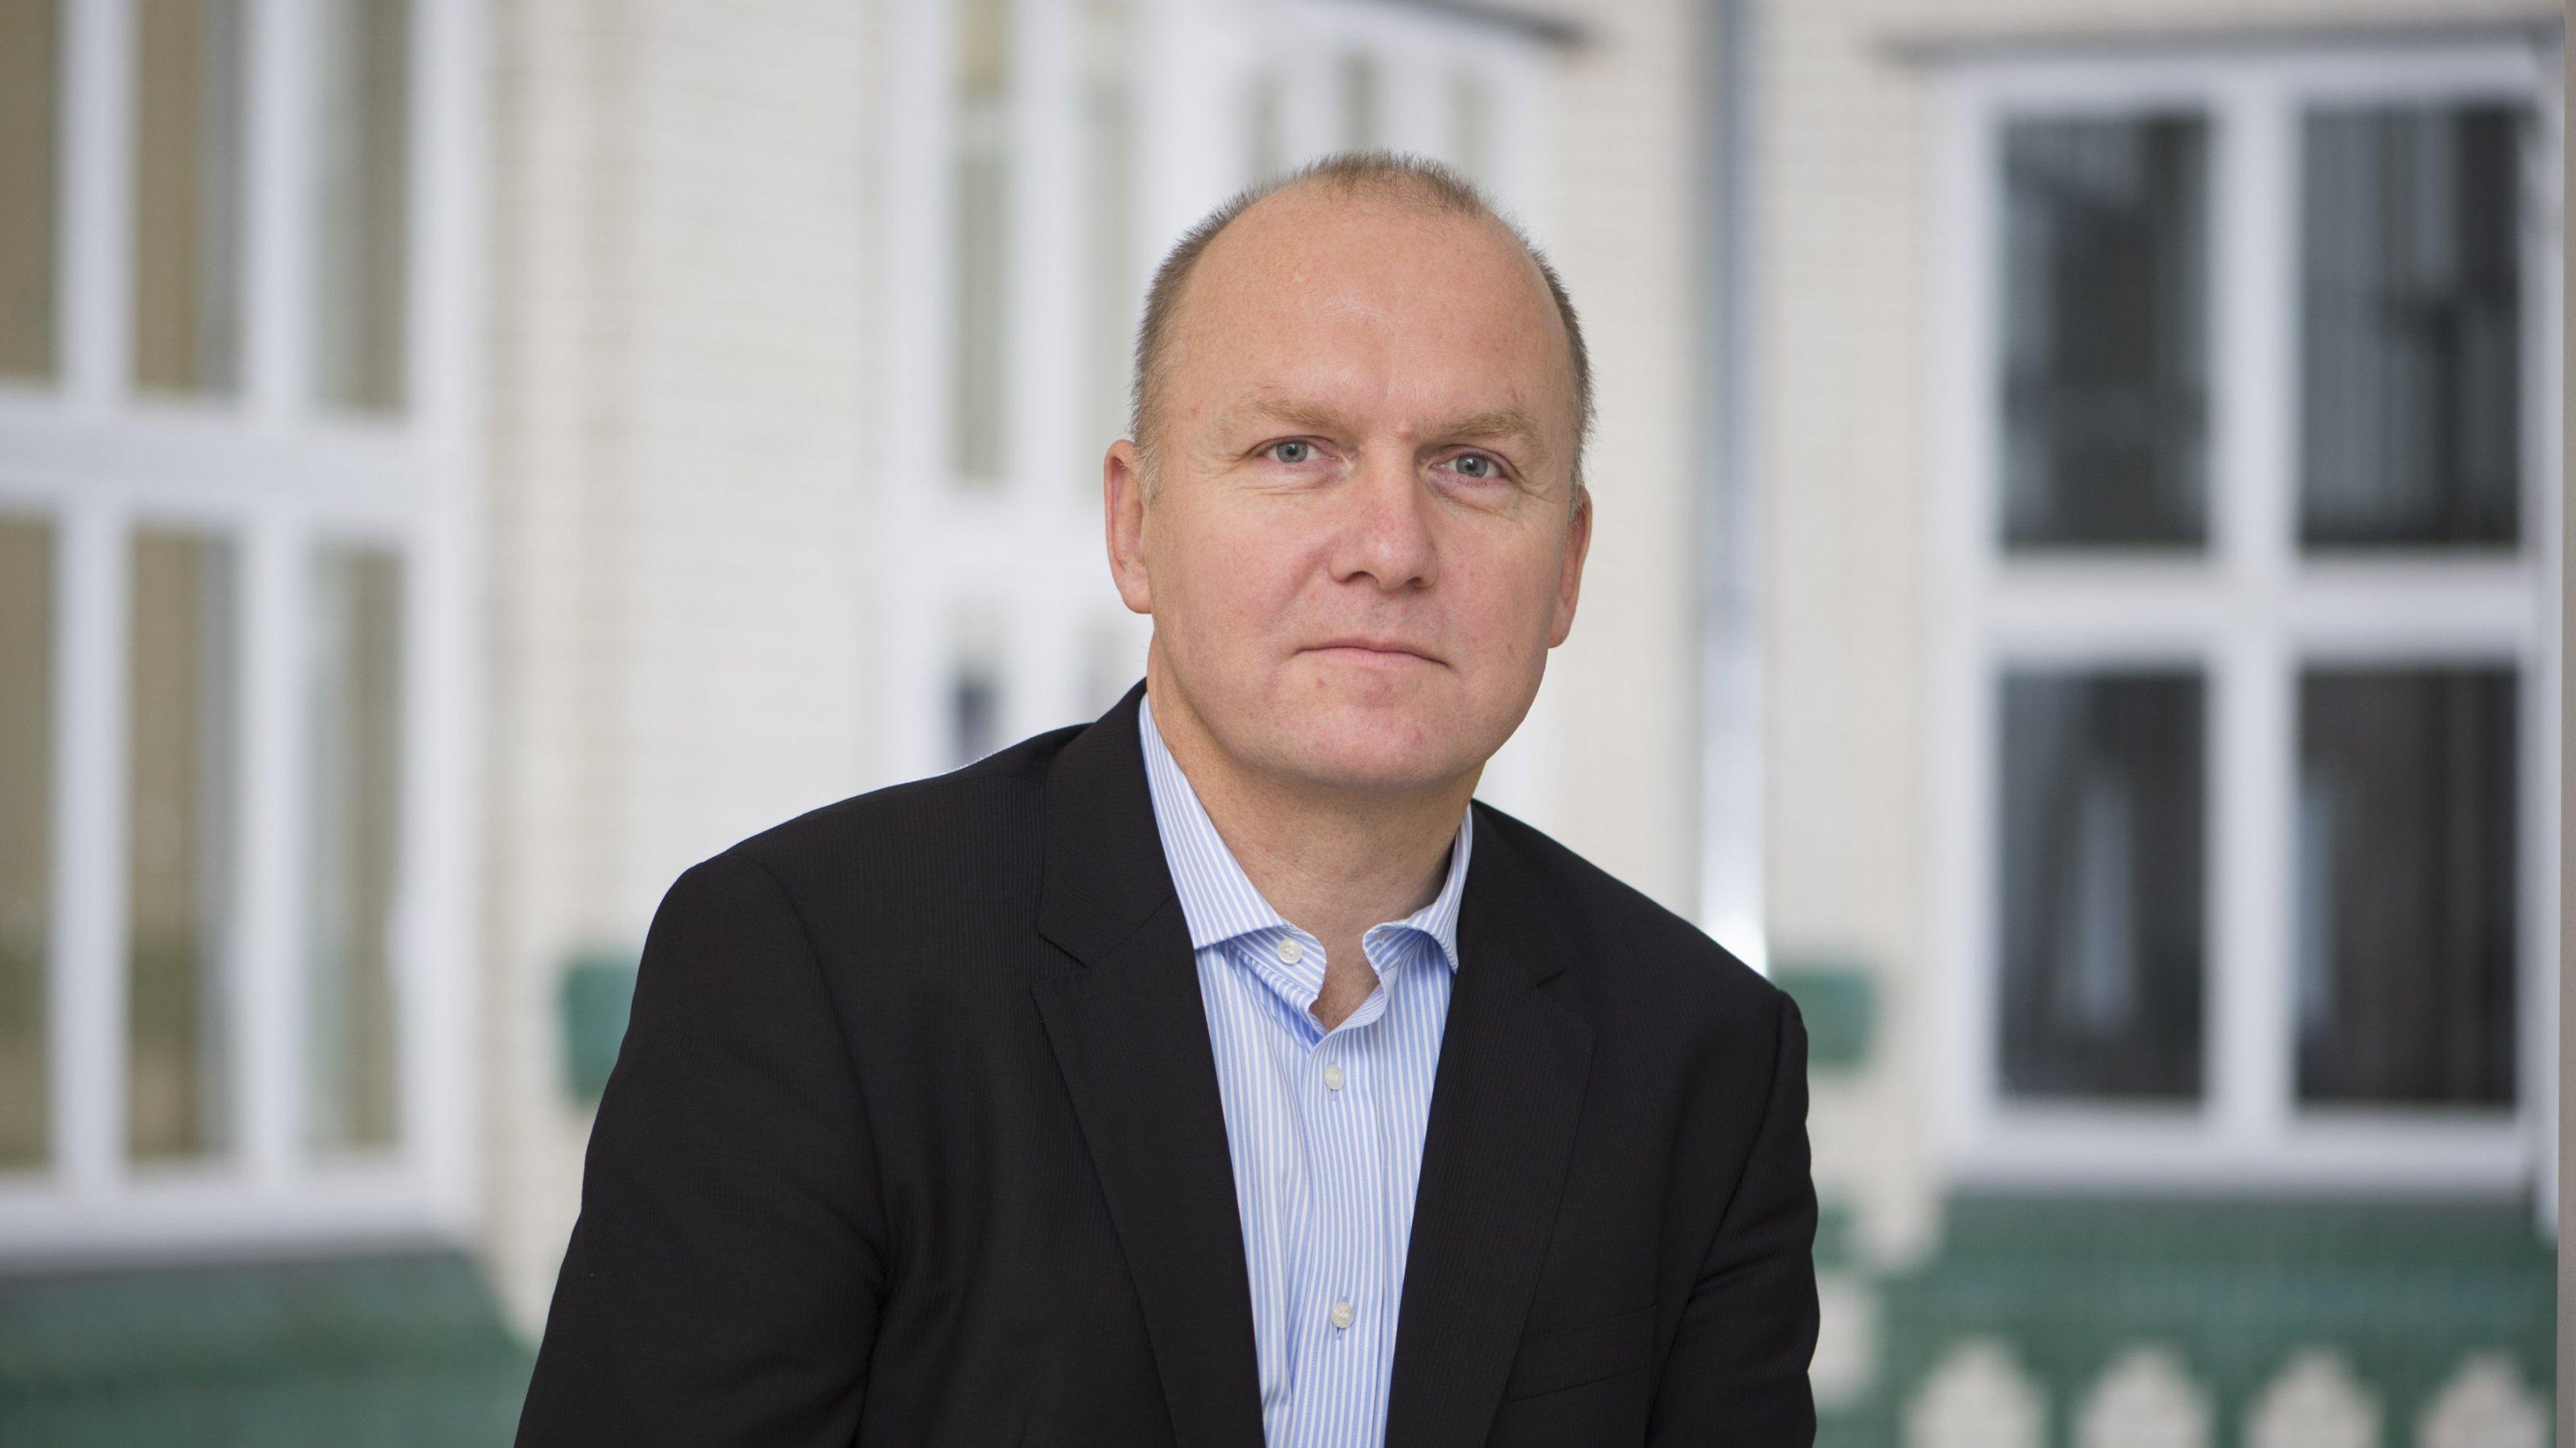 Andreas Rinke steht vor einer Wand.